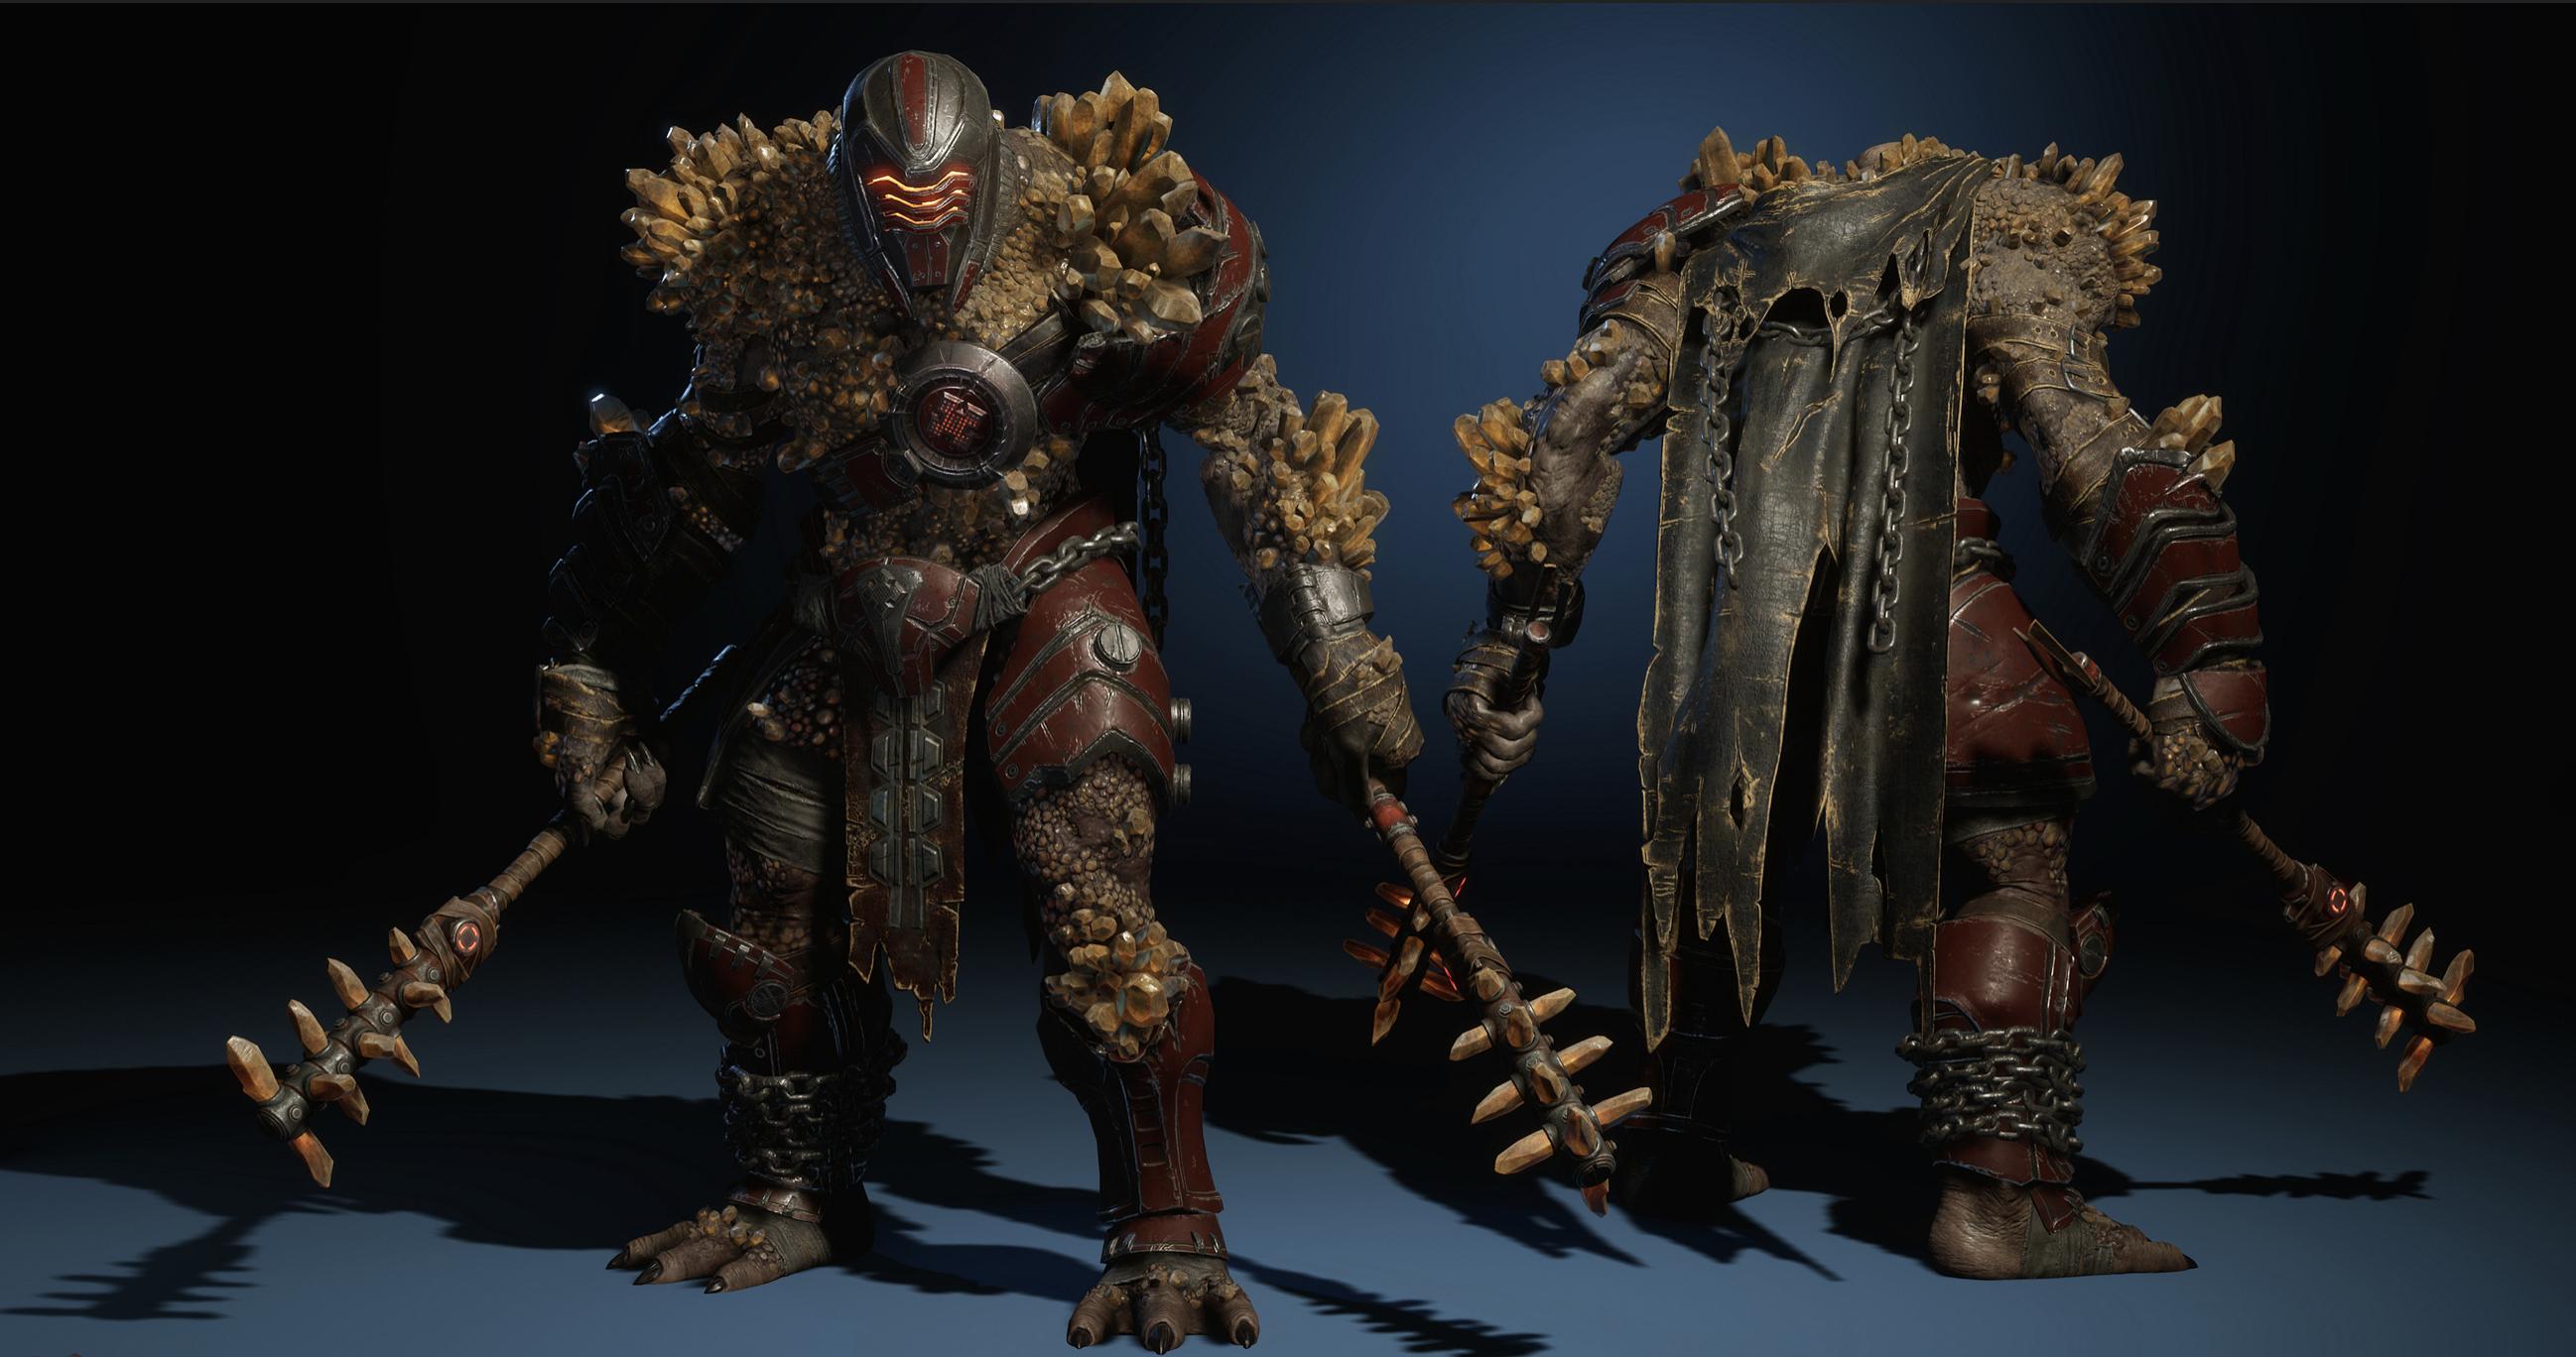 X35 Earthwalker Warden Gears 5